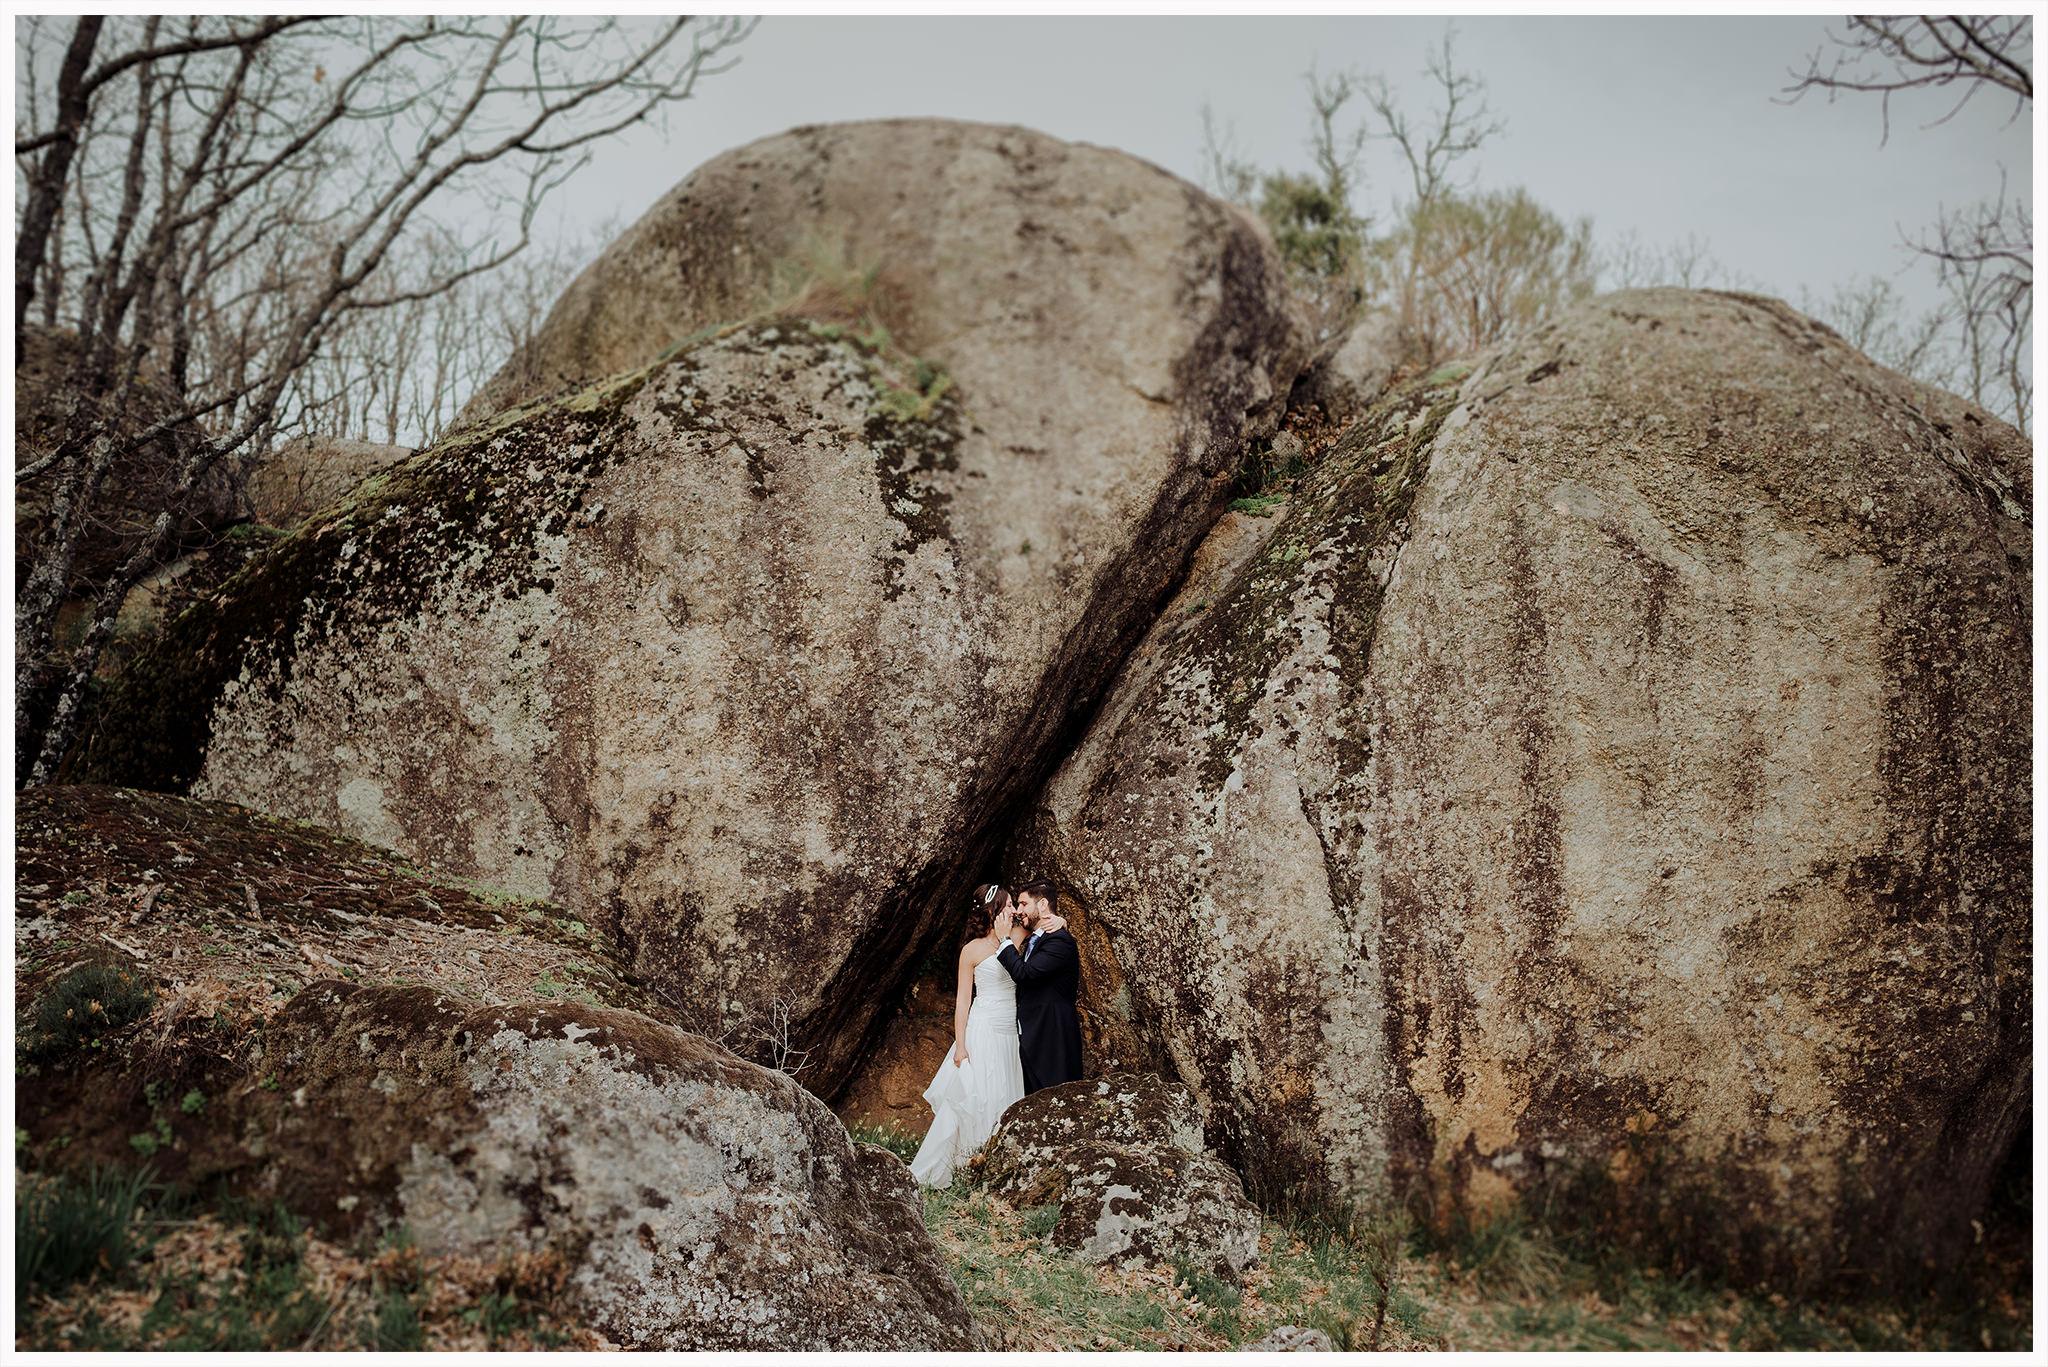 dreamsanddreamers.com-nunta-in-natura-36.jpg